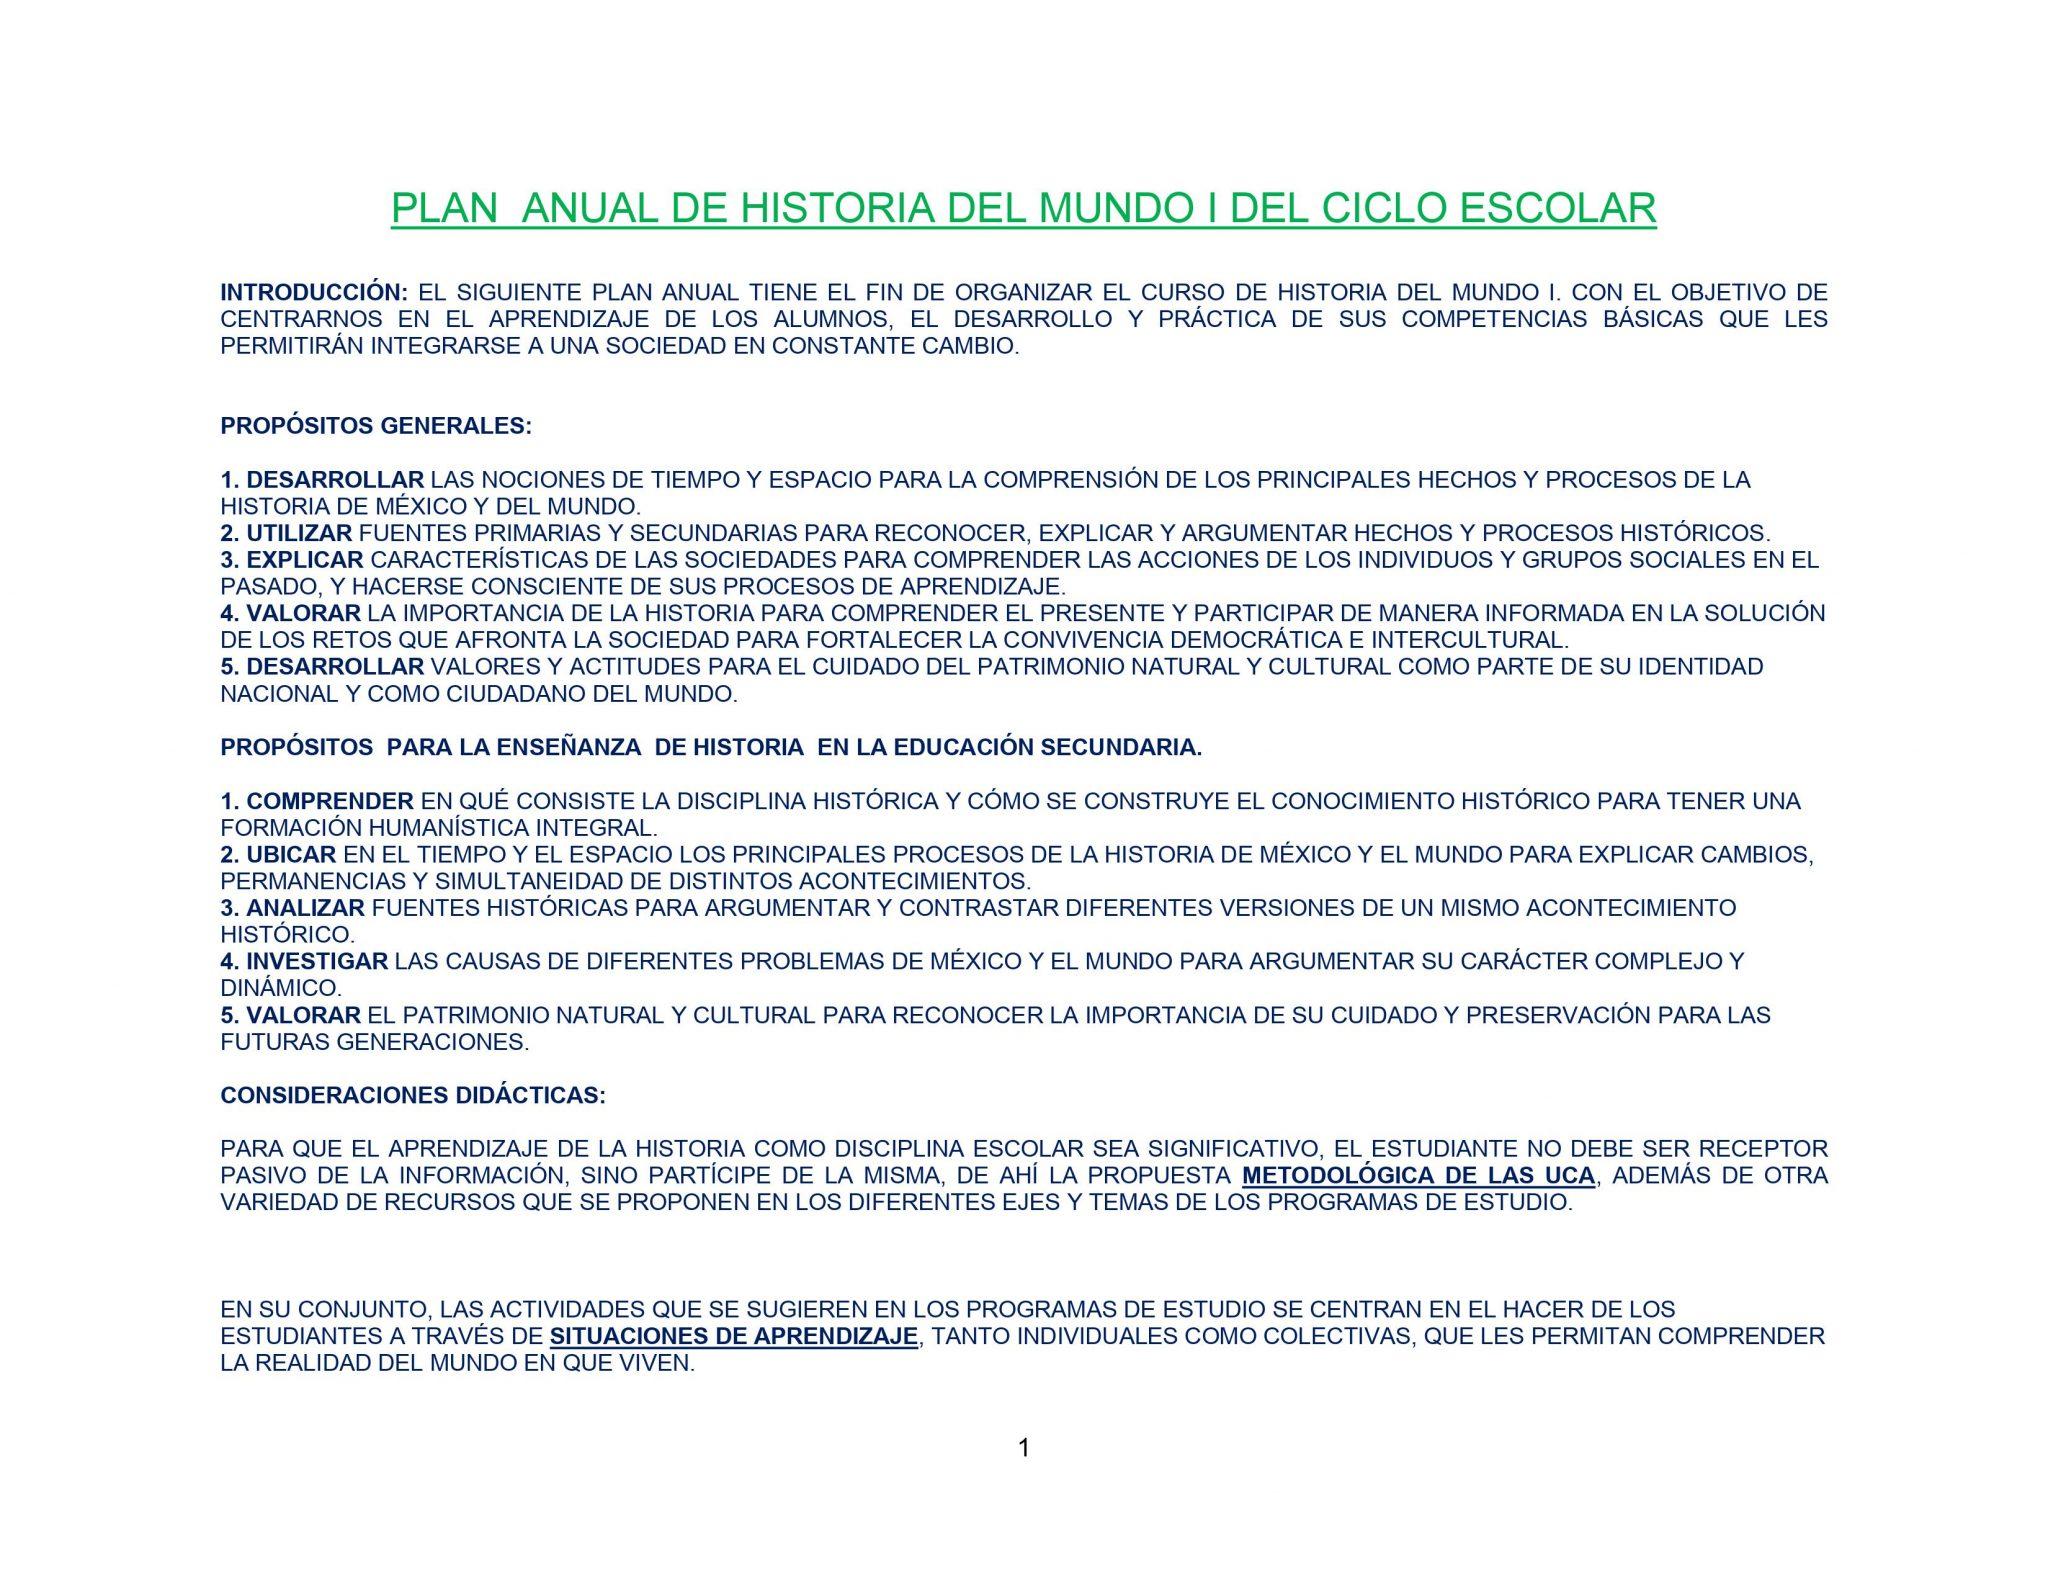 DOSIFICACIÓN DE HISTORIA 1 TRIMESTRAL 01